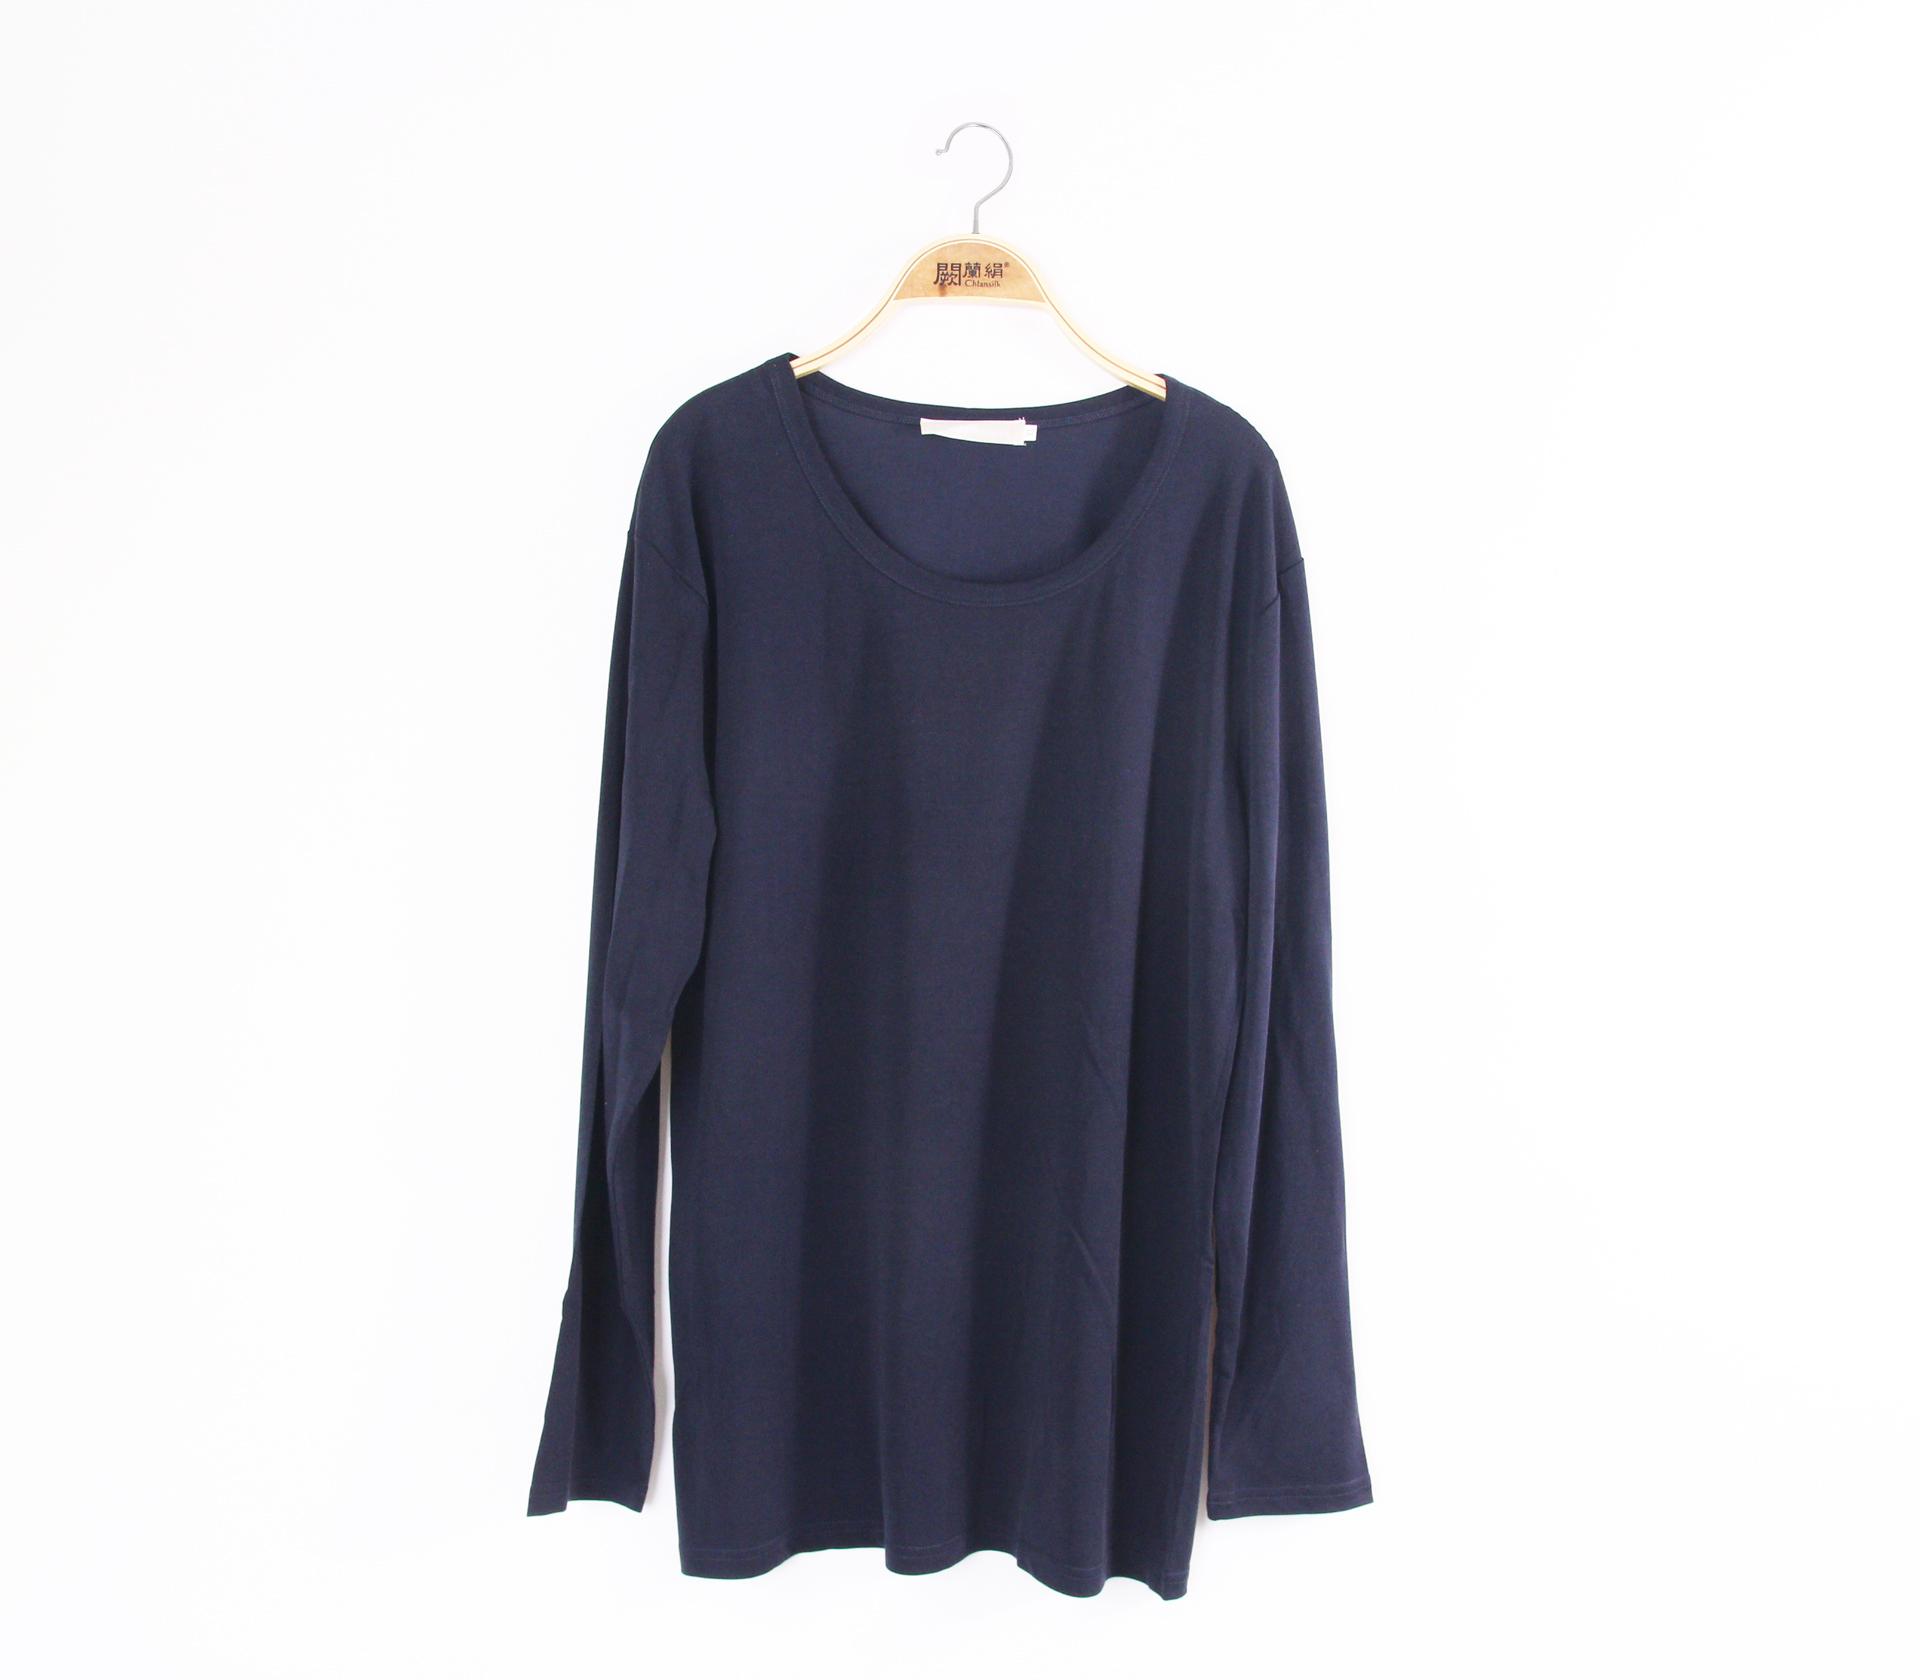 闕蘭絹舒適透氣蠶絲衛生衣(深藍)-55027